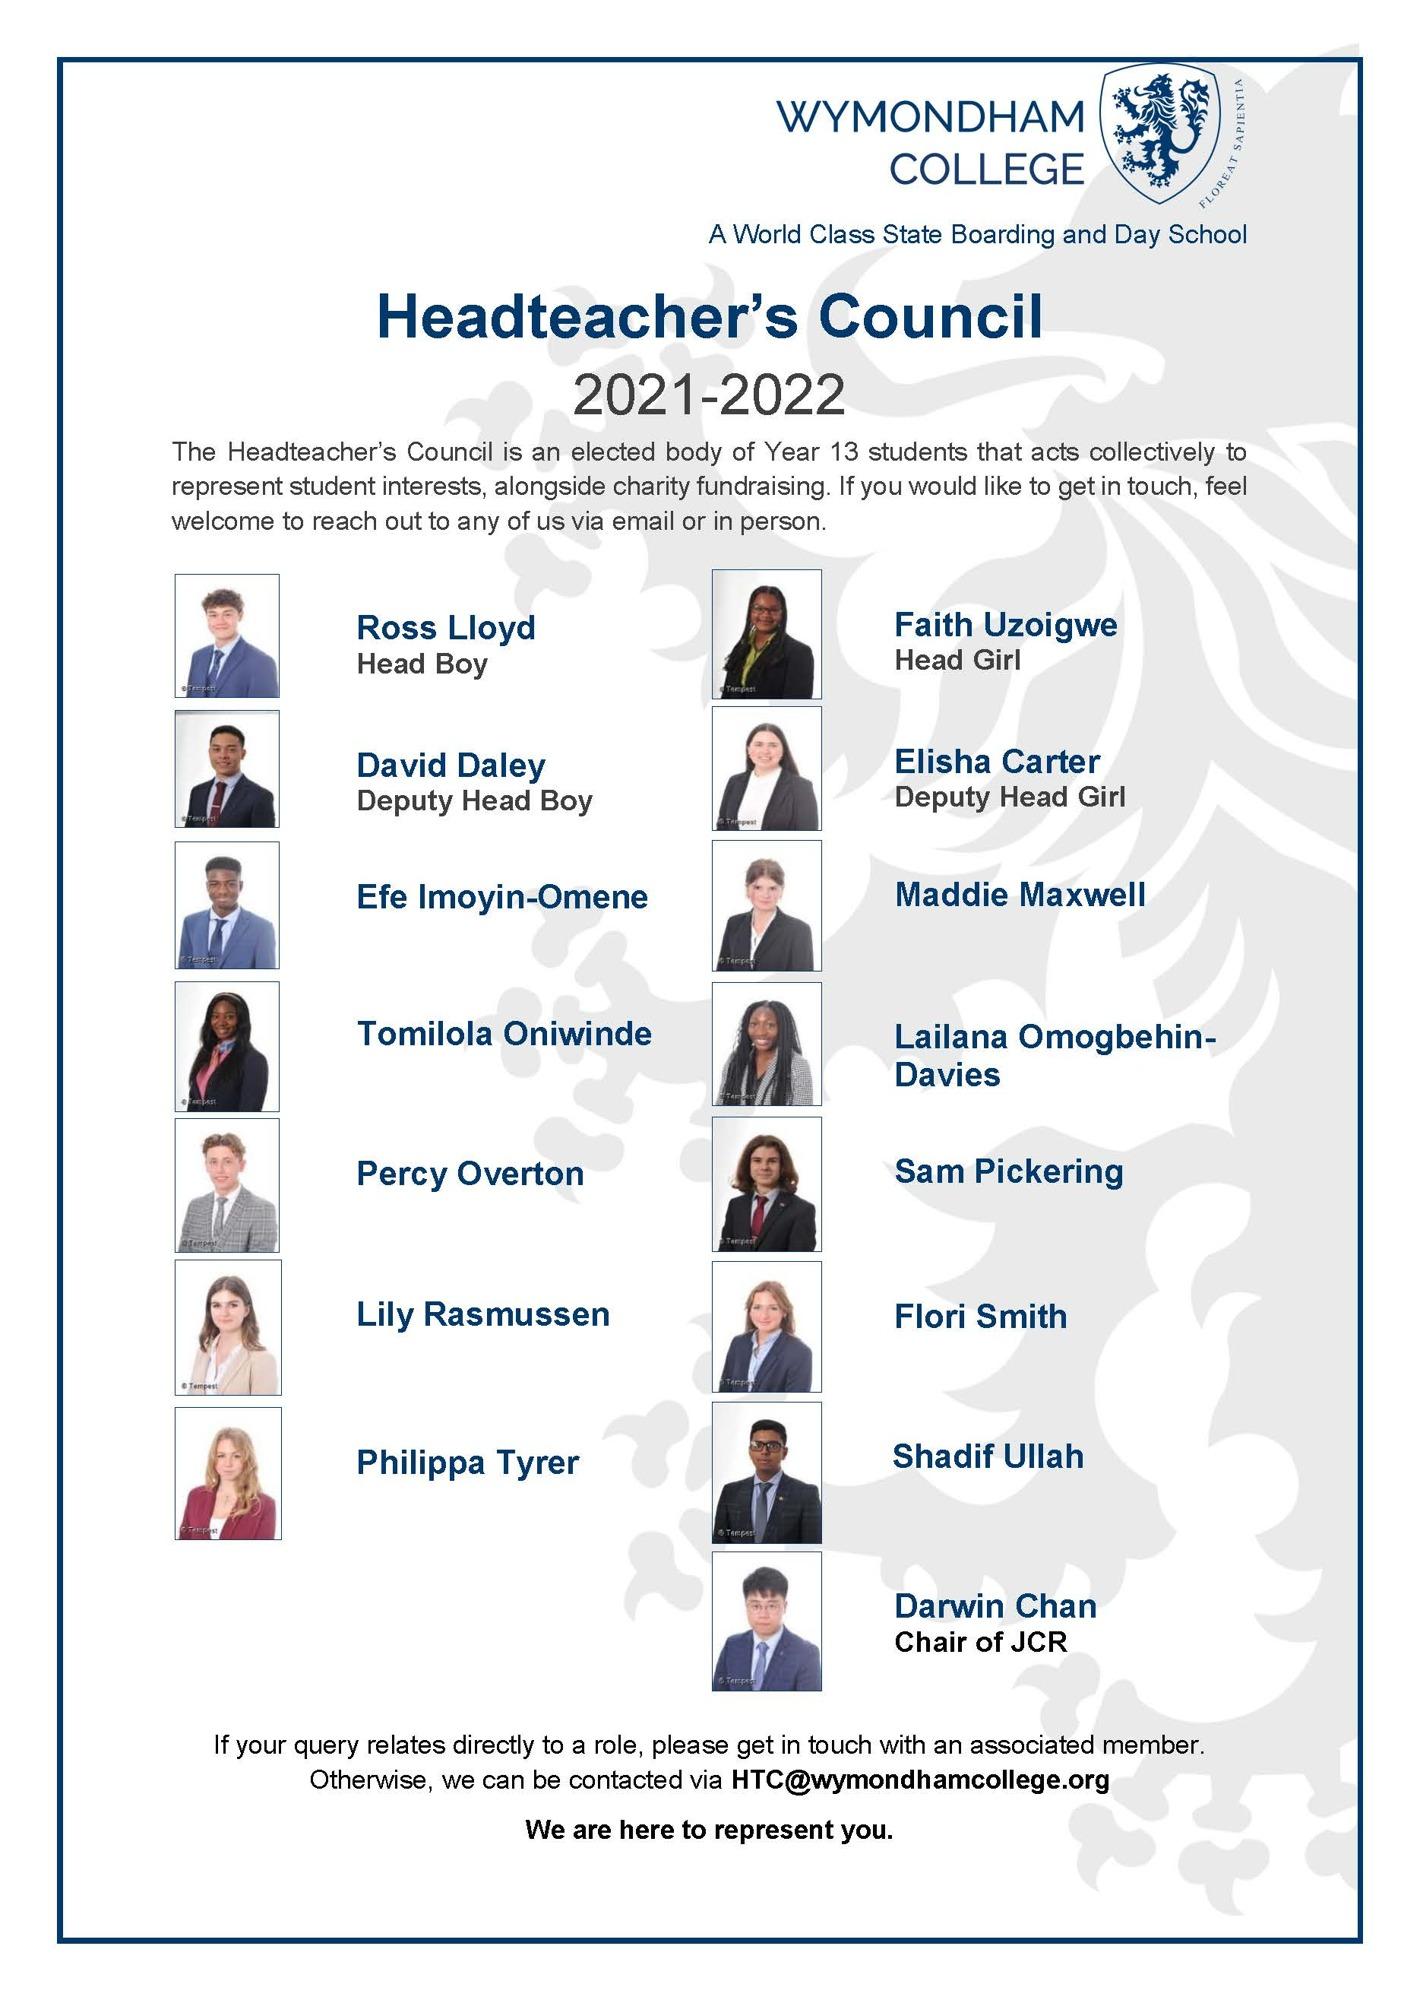 Headteacher's Council poster 2021 22